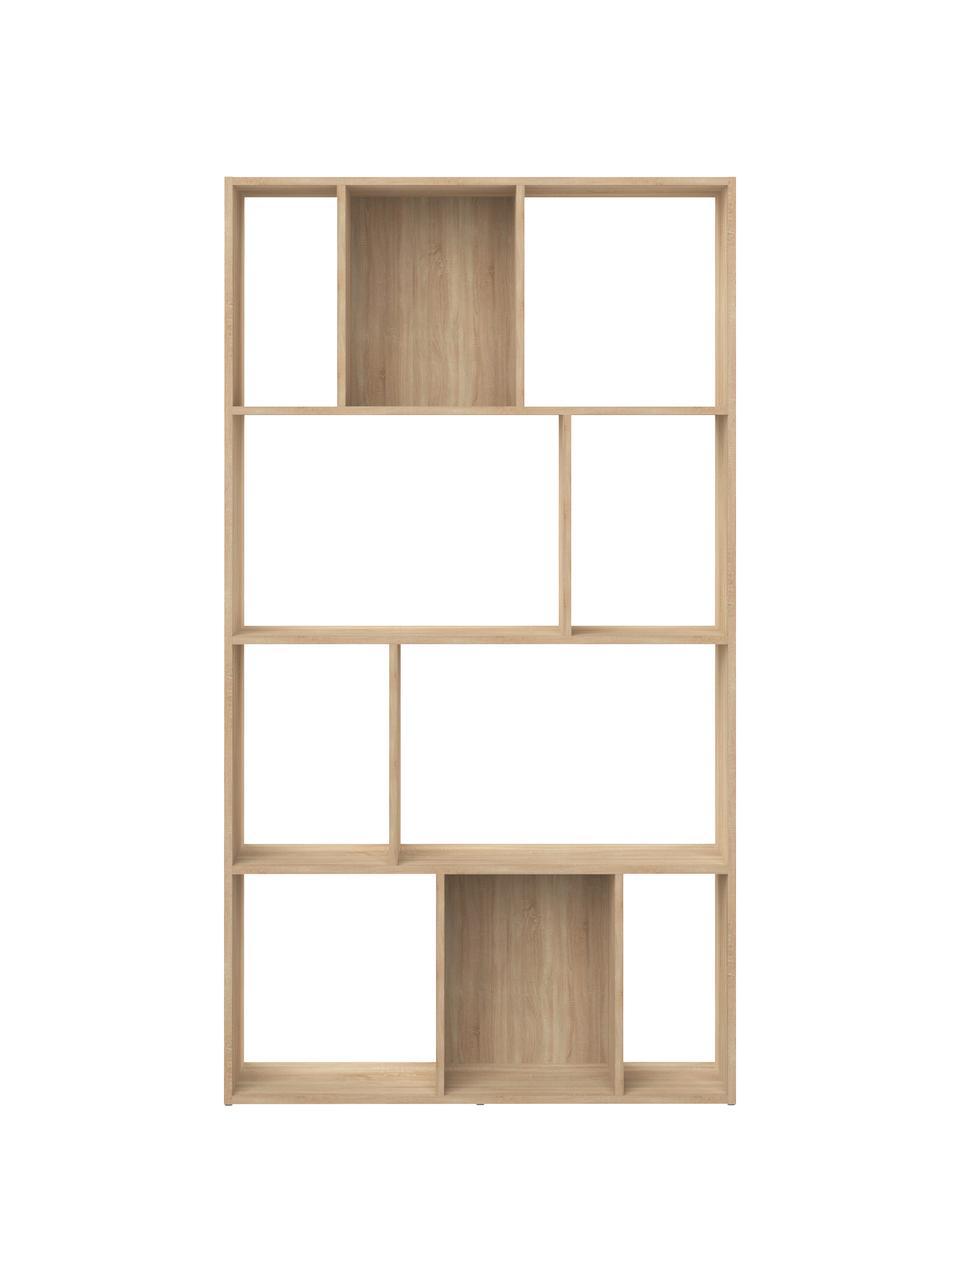 Braunes Standregal Toronto, Spannplatte, melaminbeschichtet, Eichenholz, 98 x 181 cm